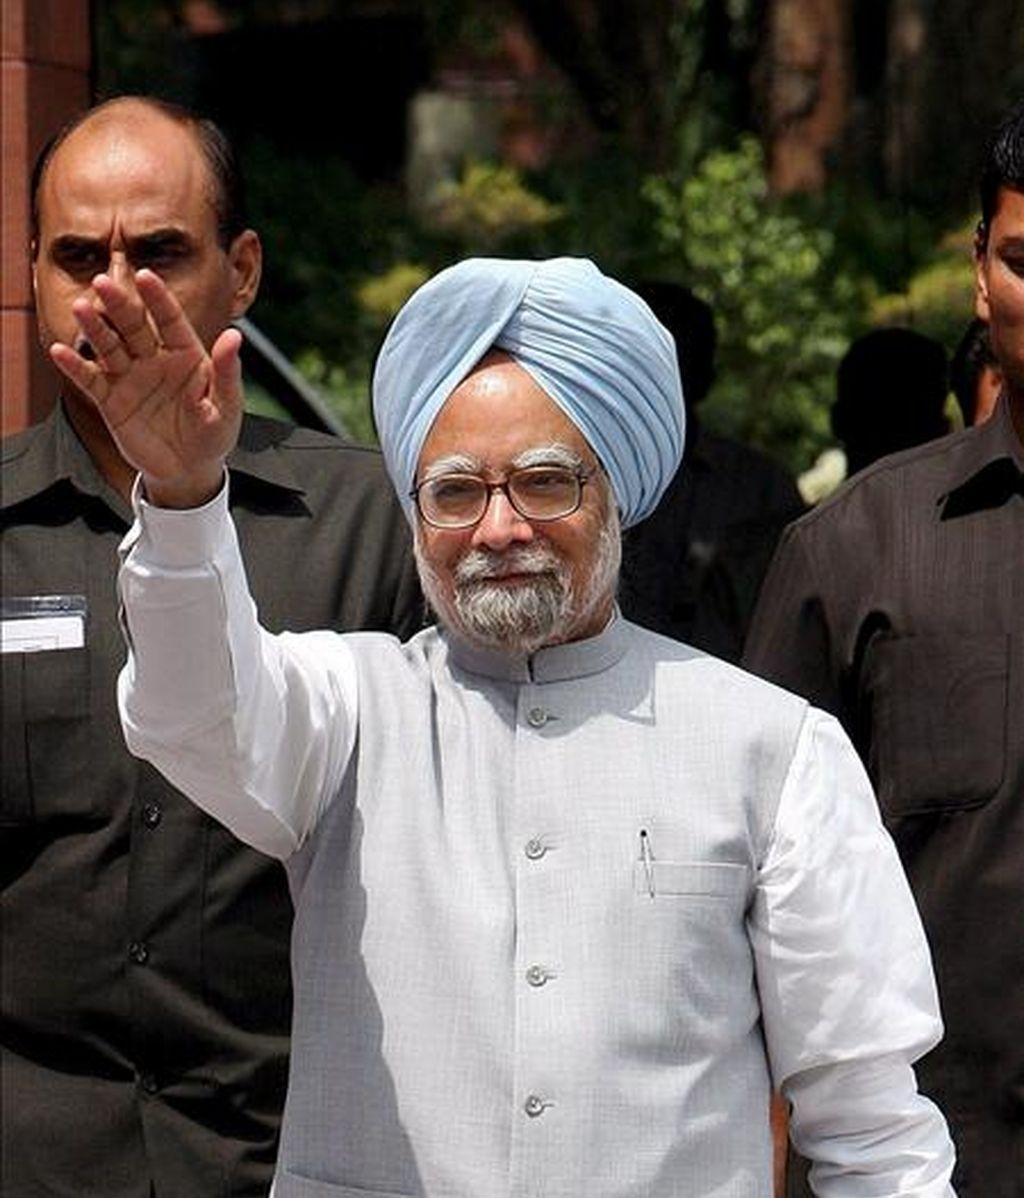 El primer ministro indio, Manmohan Singh, saluda hoy a los periodistas en el Parlamento en Nueva Delhi (India). EFE